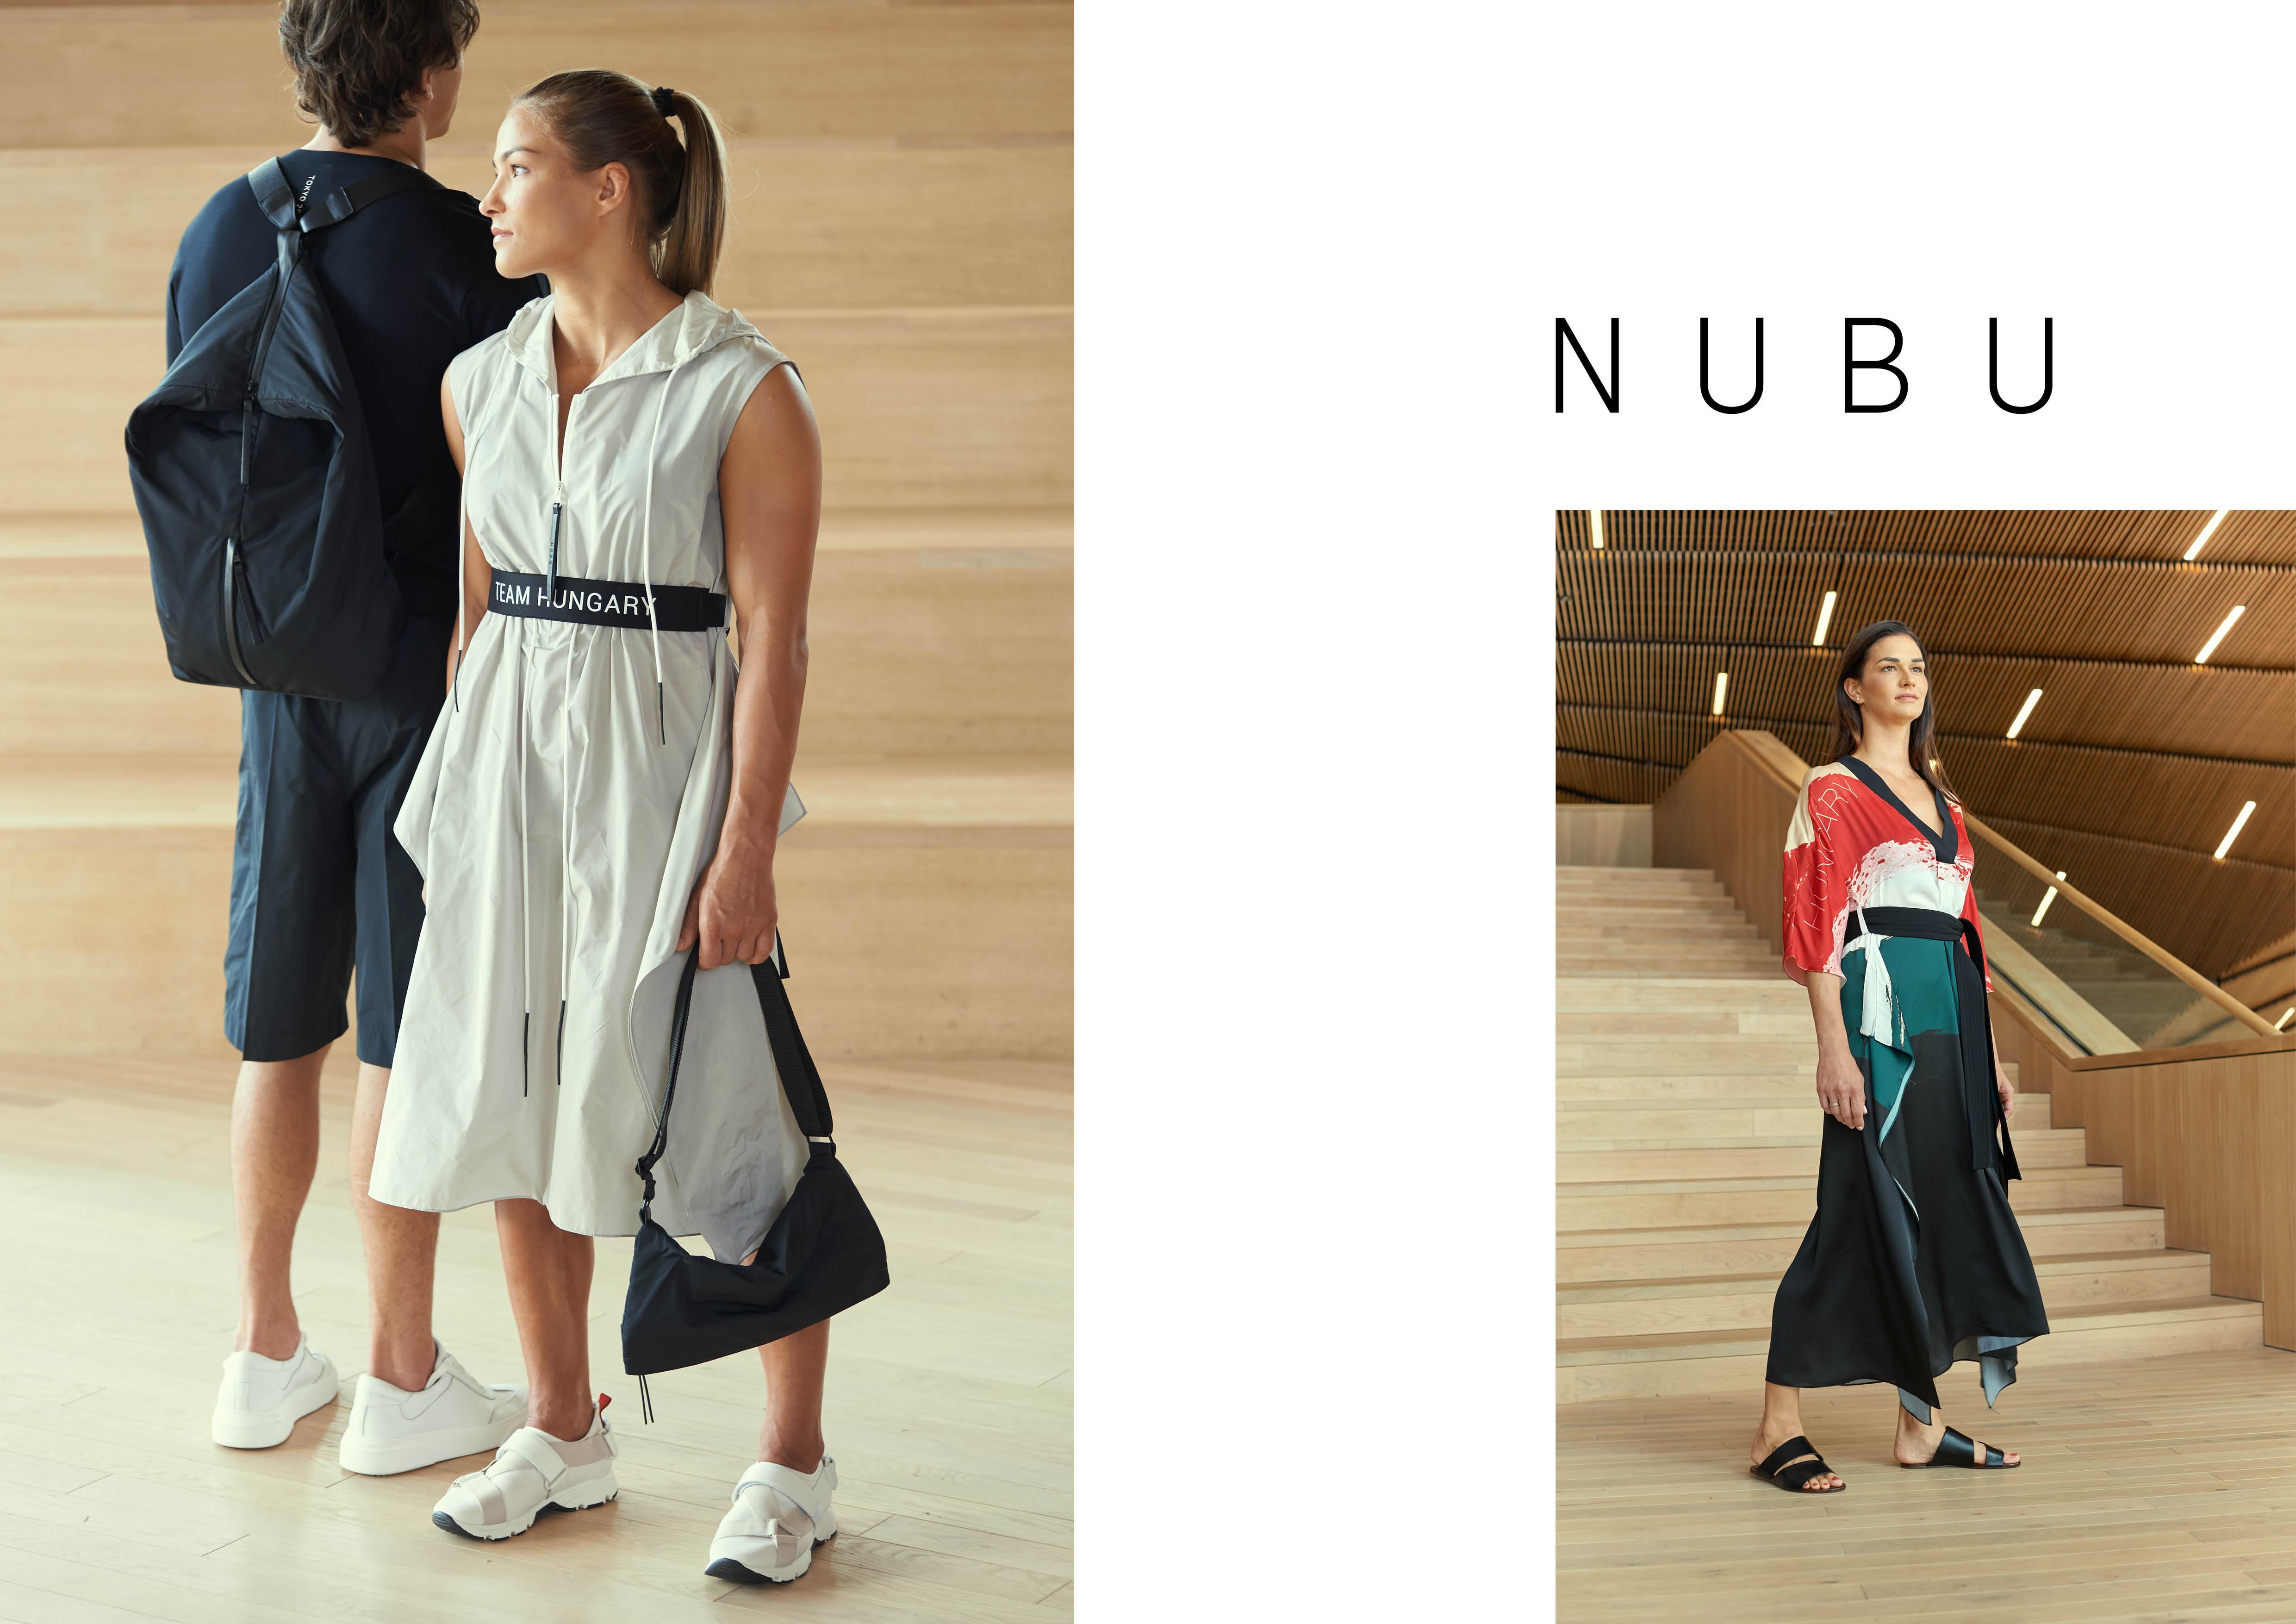 A NUBU győztes kollekciója a brandre jellemző modern, minimalista, kényelmes és egyben stílusos vizuális világot szerette volna megidézni.